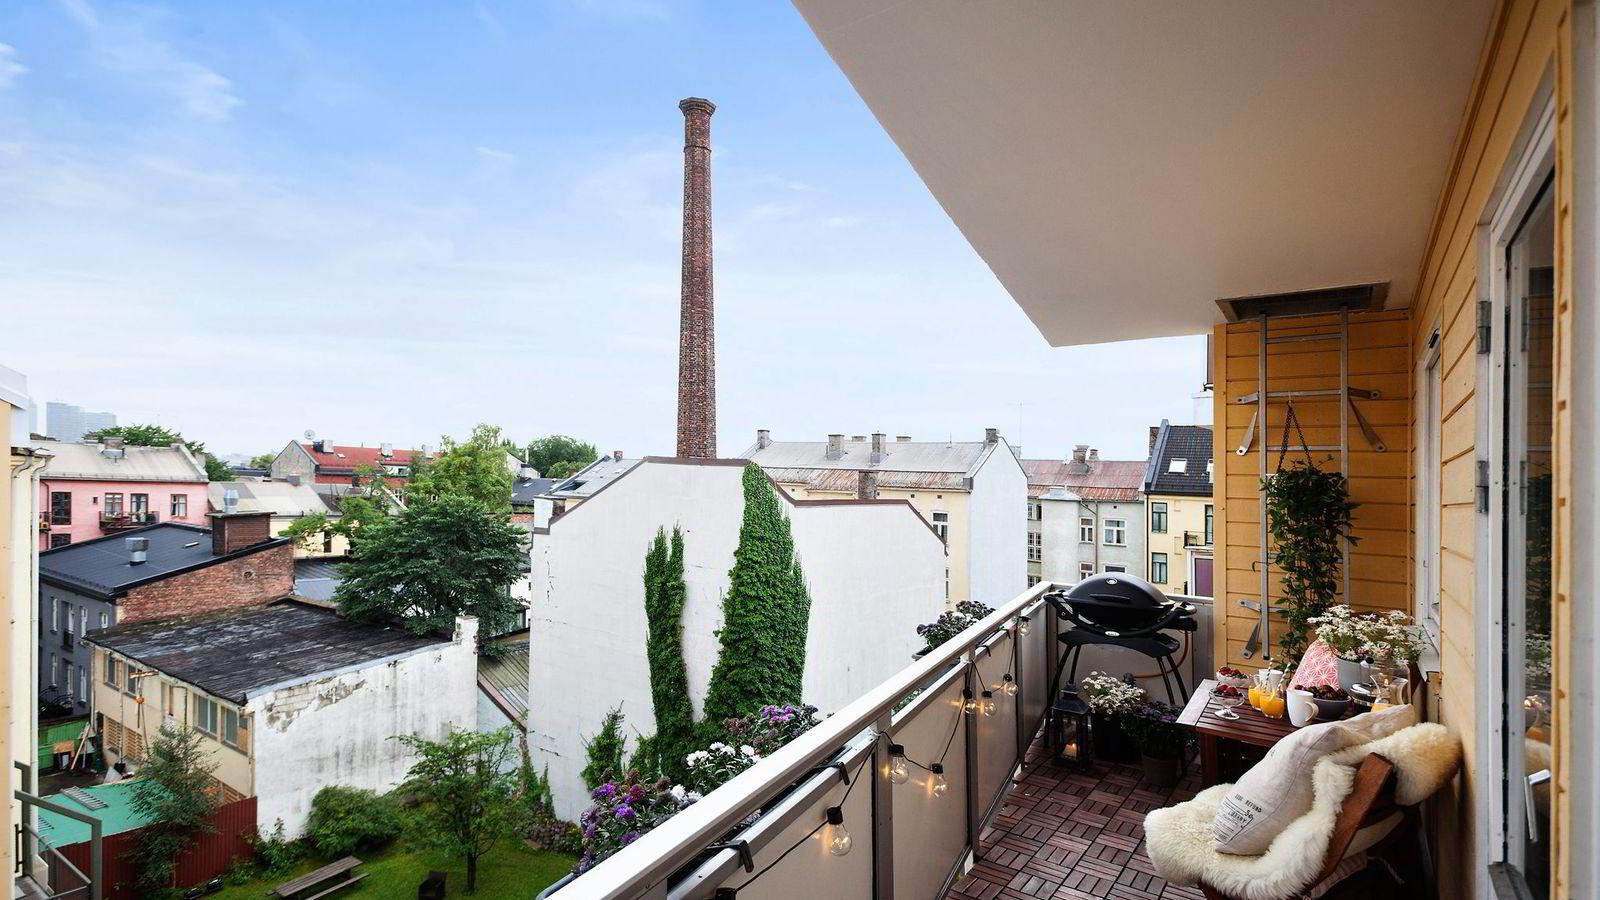 Denne toromsleiligheten på Grünerløkka ble solgt for 4.125.000 kroner, 1.175.000 over antydning – en prisstigning på 56 prosent siden forrige omsetning for to og et halvt år siden.